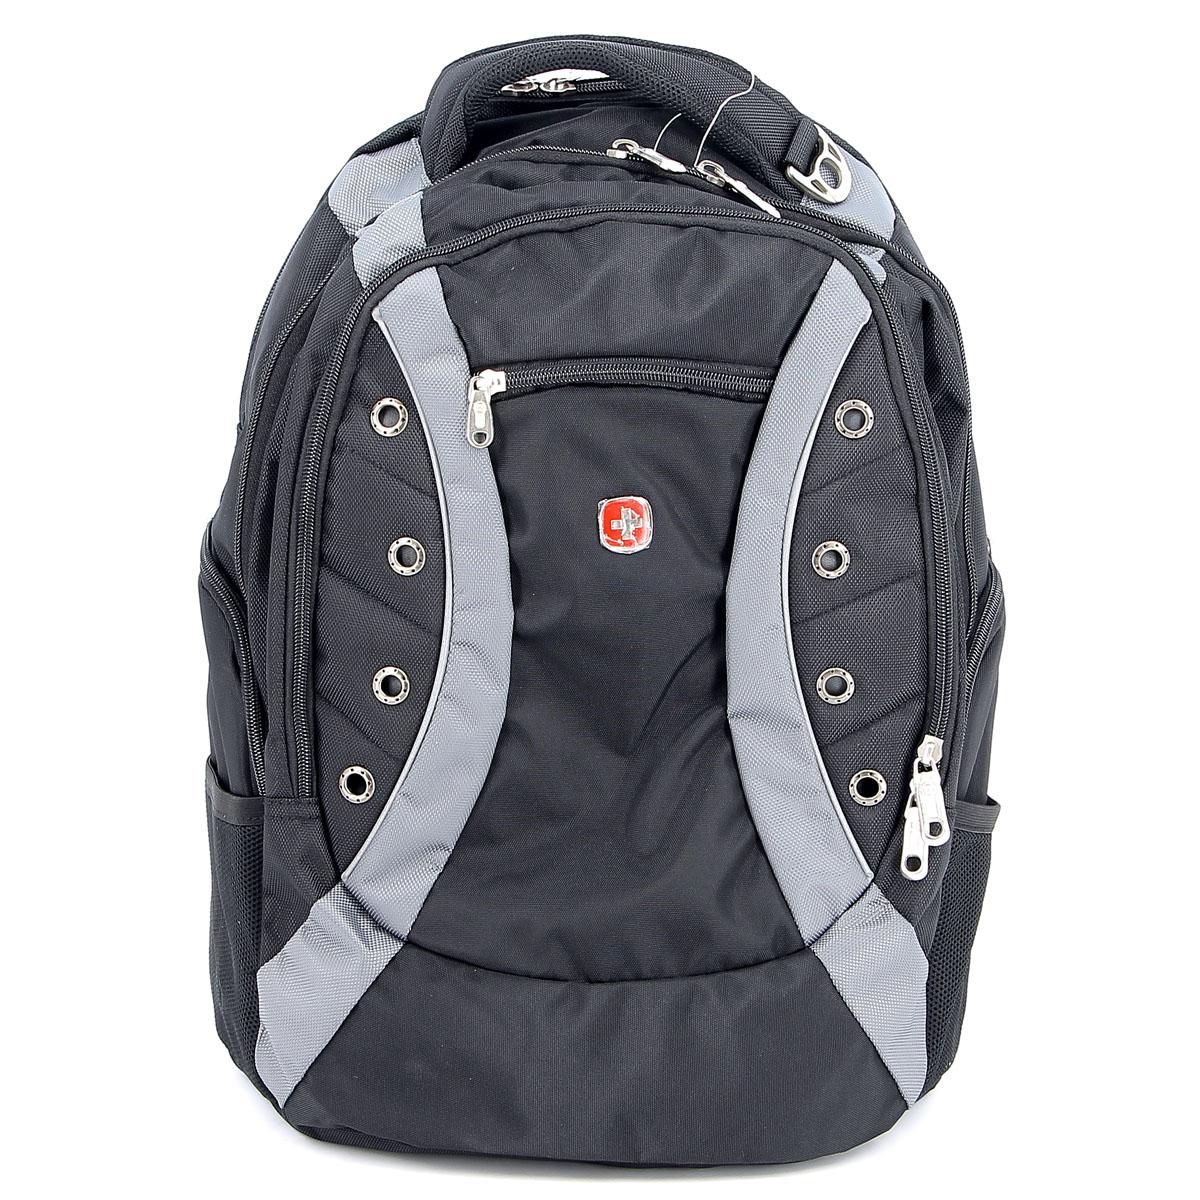 Рюкзак Wenger Zoom, цвет: черный, серый, 36 см х 21 см х 47 см, 35 лA-B86-05-CРюкзак Wenger Zoom - это самодостаточный, многофункциональный и надежный спутник своего владельца, как и знаменитый швейцарский нож! Благодаря многофункциональности рюкзака Wenger, вы можете легко организовать свои вещи, отправив ключи, мобильный телефон и еще тысячу мелочей в специальный карман-органайзер, положив ноутбук в надежный мягкий карман под спинкой. После этого останется еще много места для других необходимых вещей. Рюкзаки и сумки Wenger - это прежде всего современные материалы и фурнитура от надежных поставщиков и швейцарский контроль качества, благодаря которому репутация компании была и остается столь высокой. Продуманная конструкция и современные технологии проявляются главным образом в потрясающей надежности рюкзаков и сумок Wenger. А ведь надежность - самое важное качество и в амуниции, и в людях! Особенности рюкзака:Большой объем для хранения: основное отделение предоставляет достаточный объем для папок, электронных игр и других аксессуаров.Мягкое отделение для ноутбука: регулируемый ремень с липучкой может закрепить ноутбуки с размером экрана 15 дюймов. Эластичные сетчатые карманы удобны для аксессуаров.Система циркуляции воздуха: дизайн задней мягкой вставки для спины обеспечивает циркуляцию воздуха для комфорта и максимального удобства. Плечевые ремни: эргономичные ремни анатомической формы разработаны с дополнительным уплотнением для удобства и контроля.Карман для бутылки воды: карман из эластичной сетки удобен для хранения бутылок любого размера. Отверстие для провода наушников: внутренний карман подходит для большинства МР3 плееров с внешним портом для наушников.Карман для мелких предметов: внутренний карман-органайзер включает съемную ключницу и раздельные кармашки для ручек, карандашей, мобильного телефона и CD дисков.Петля для очков: благодаря эластичной петле на плечевом ремне удобно хранить солнцезащитные очки и они легко доступны.По всем вопросам гарантийного